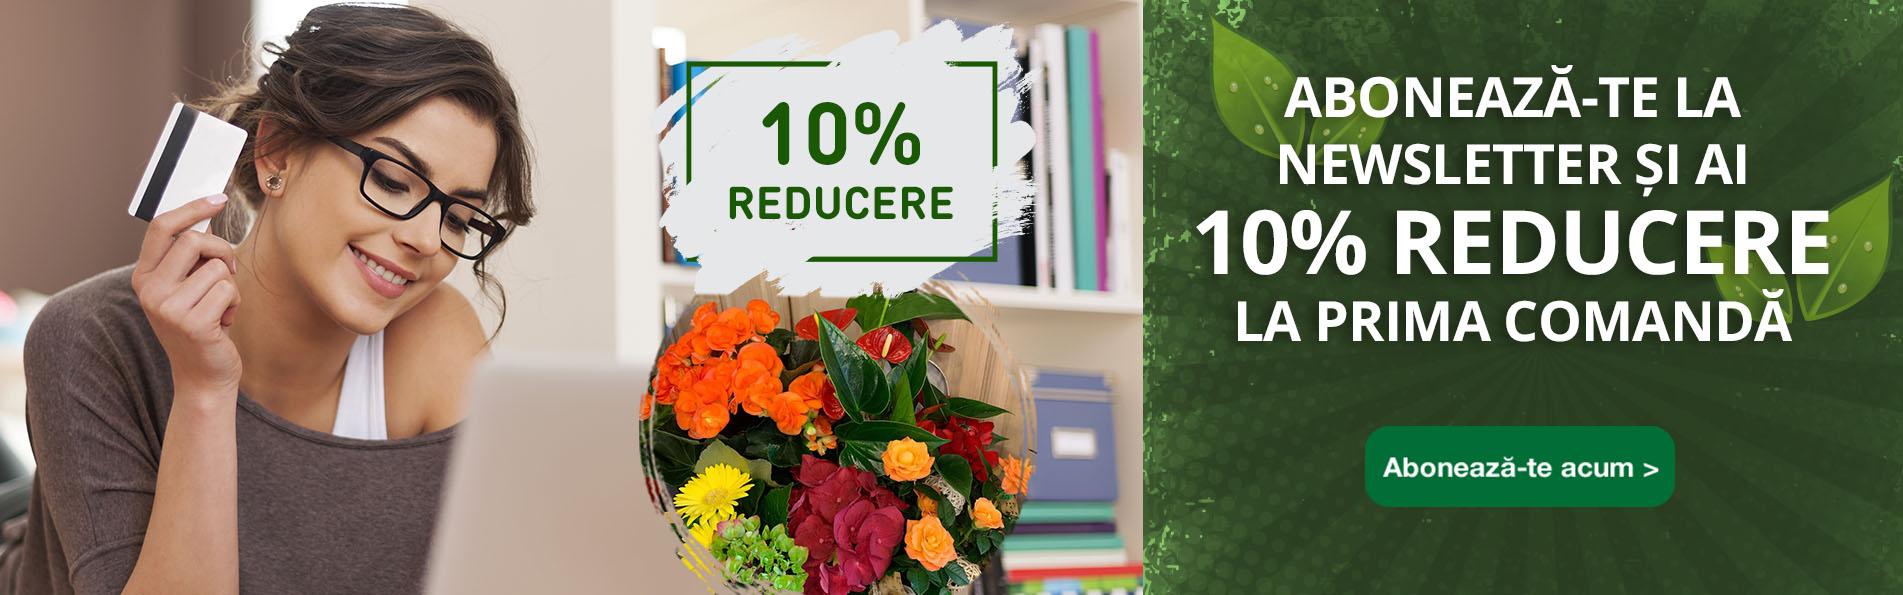 aboneaza newsletter floraria trias desk